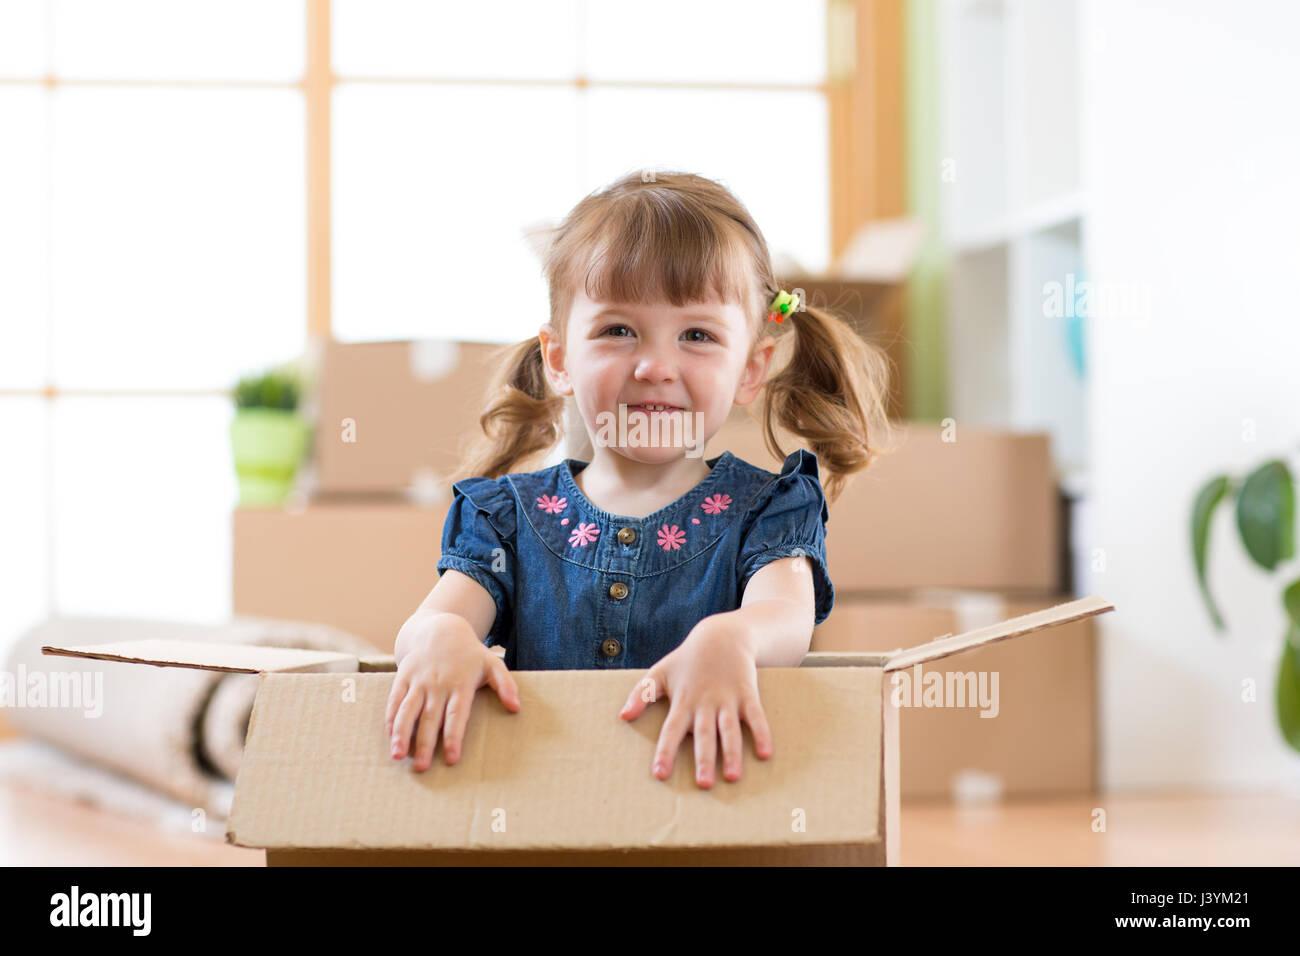 Acaba de mudarse a una nueva casa. Kid se encuentra dentro de la caja. Foto de stock